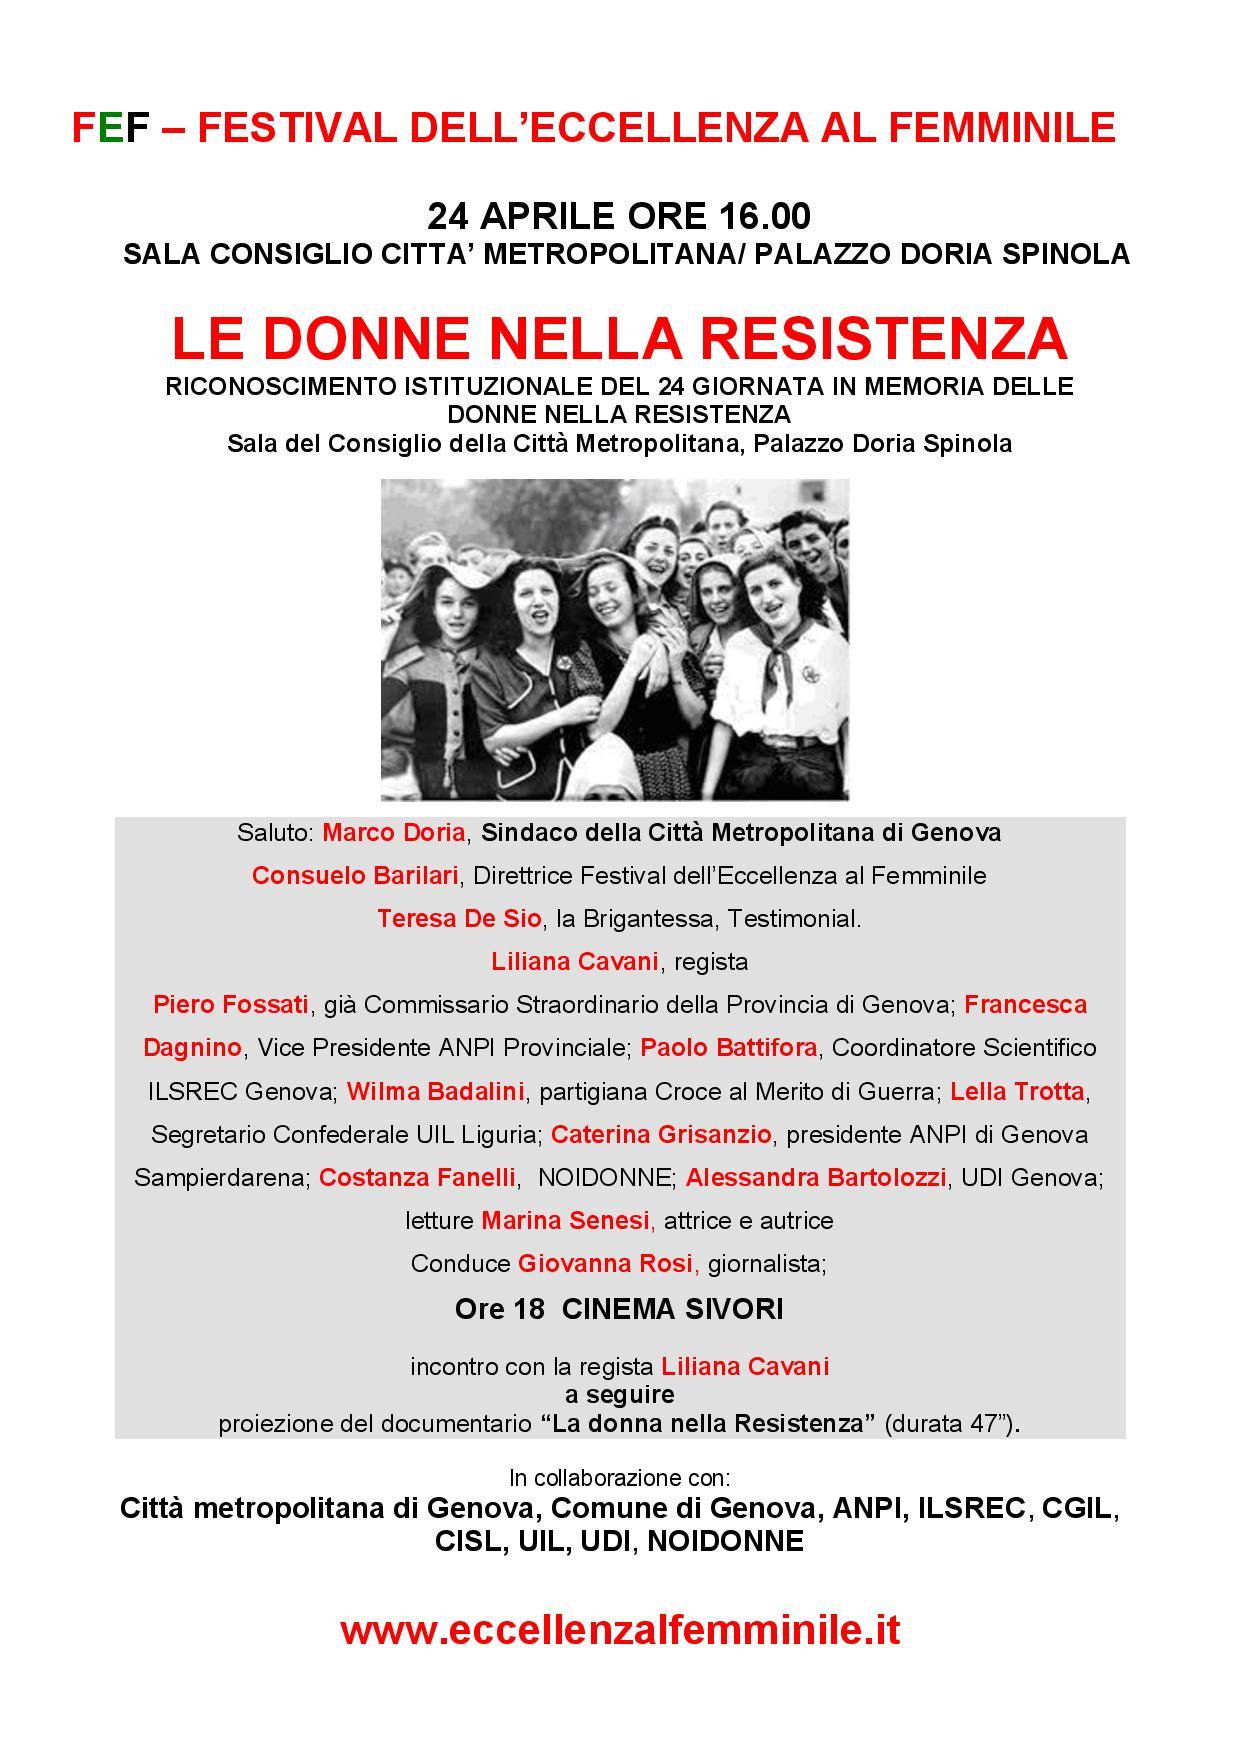 Festival dell Eccellenza al Femminile - Documento conclusivo Le donne della Resistenza 24 aprile 2015-page-001